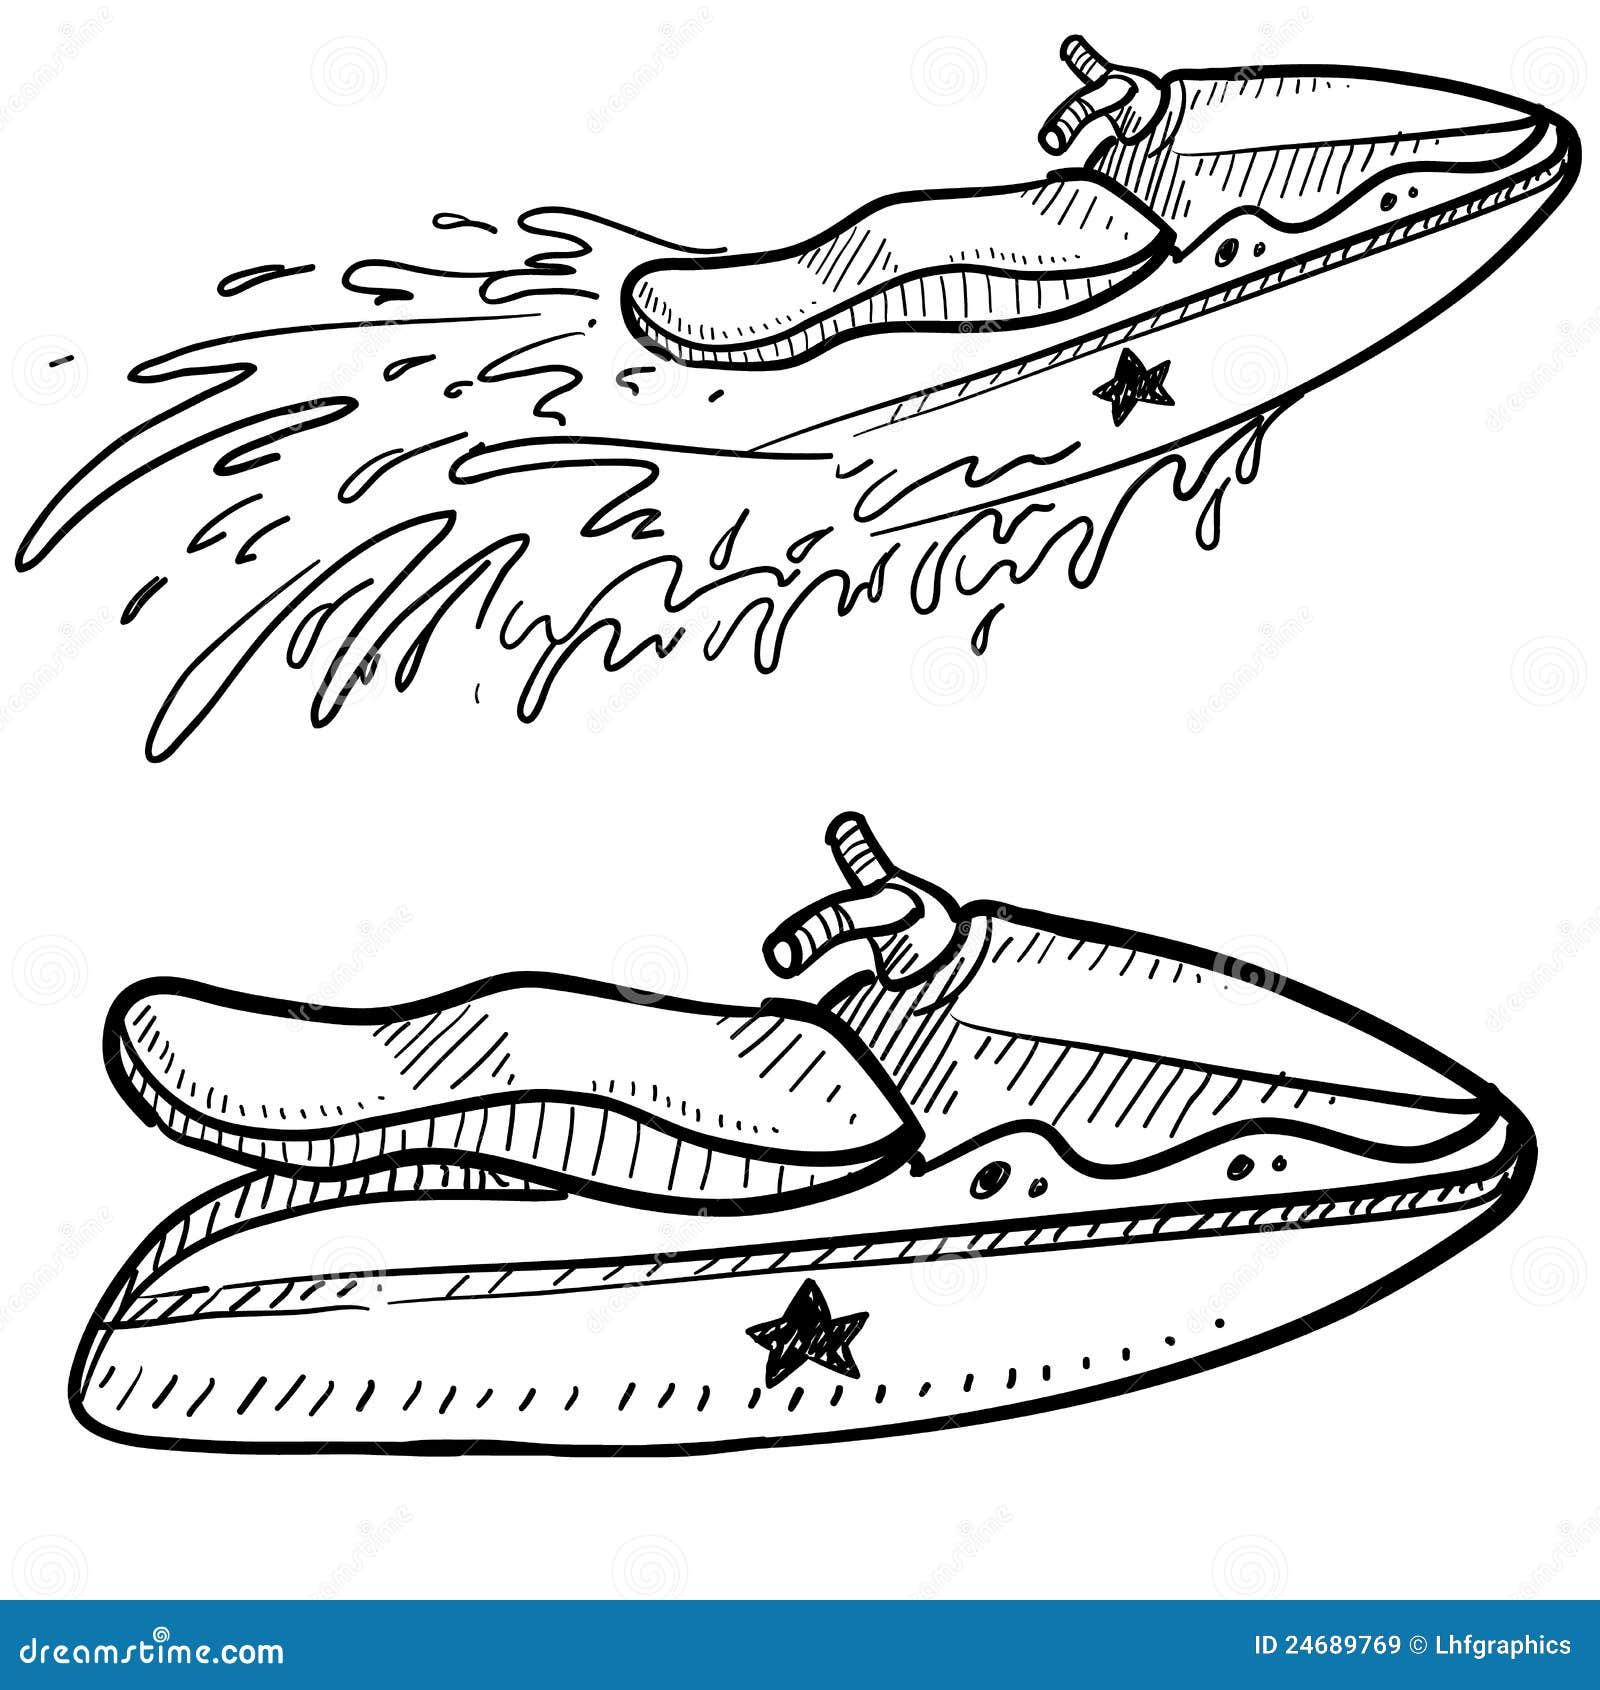 Jet ski vector sketch royalty free stock images image 24689769 - Jet ski dessin ...